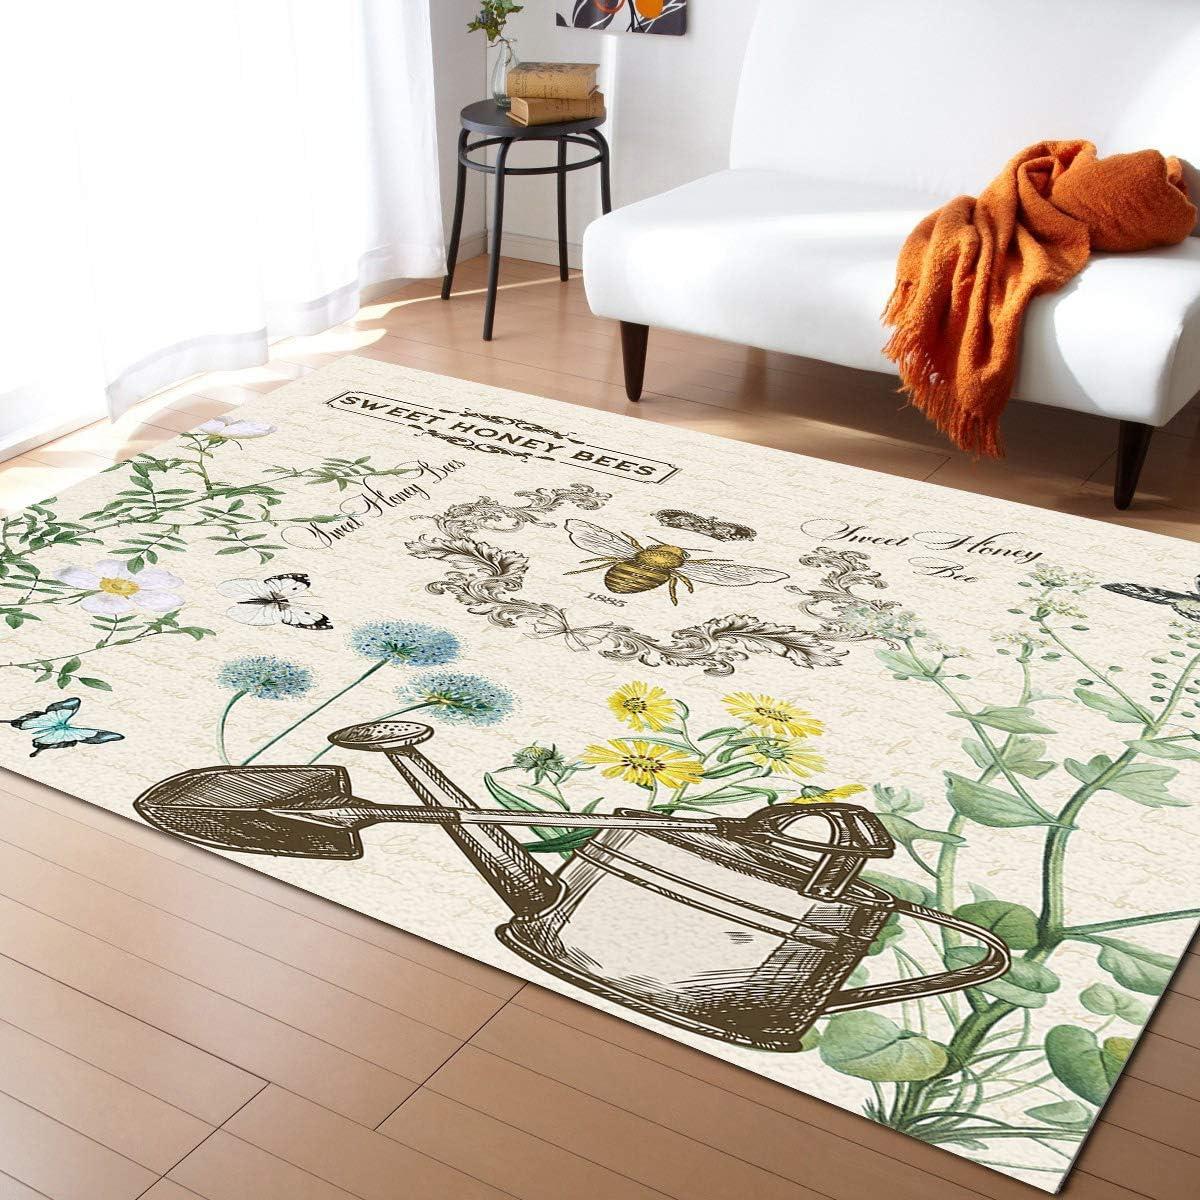 ARTSHOWING Garden Rectangular Area Rug 5' Great interest Large Indoor and Special sale item 8' x